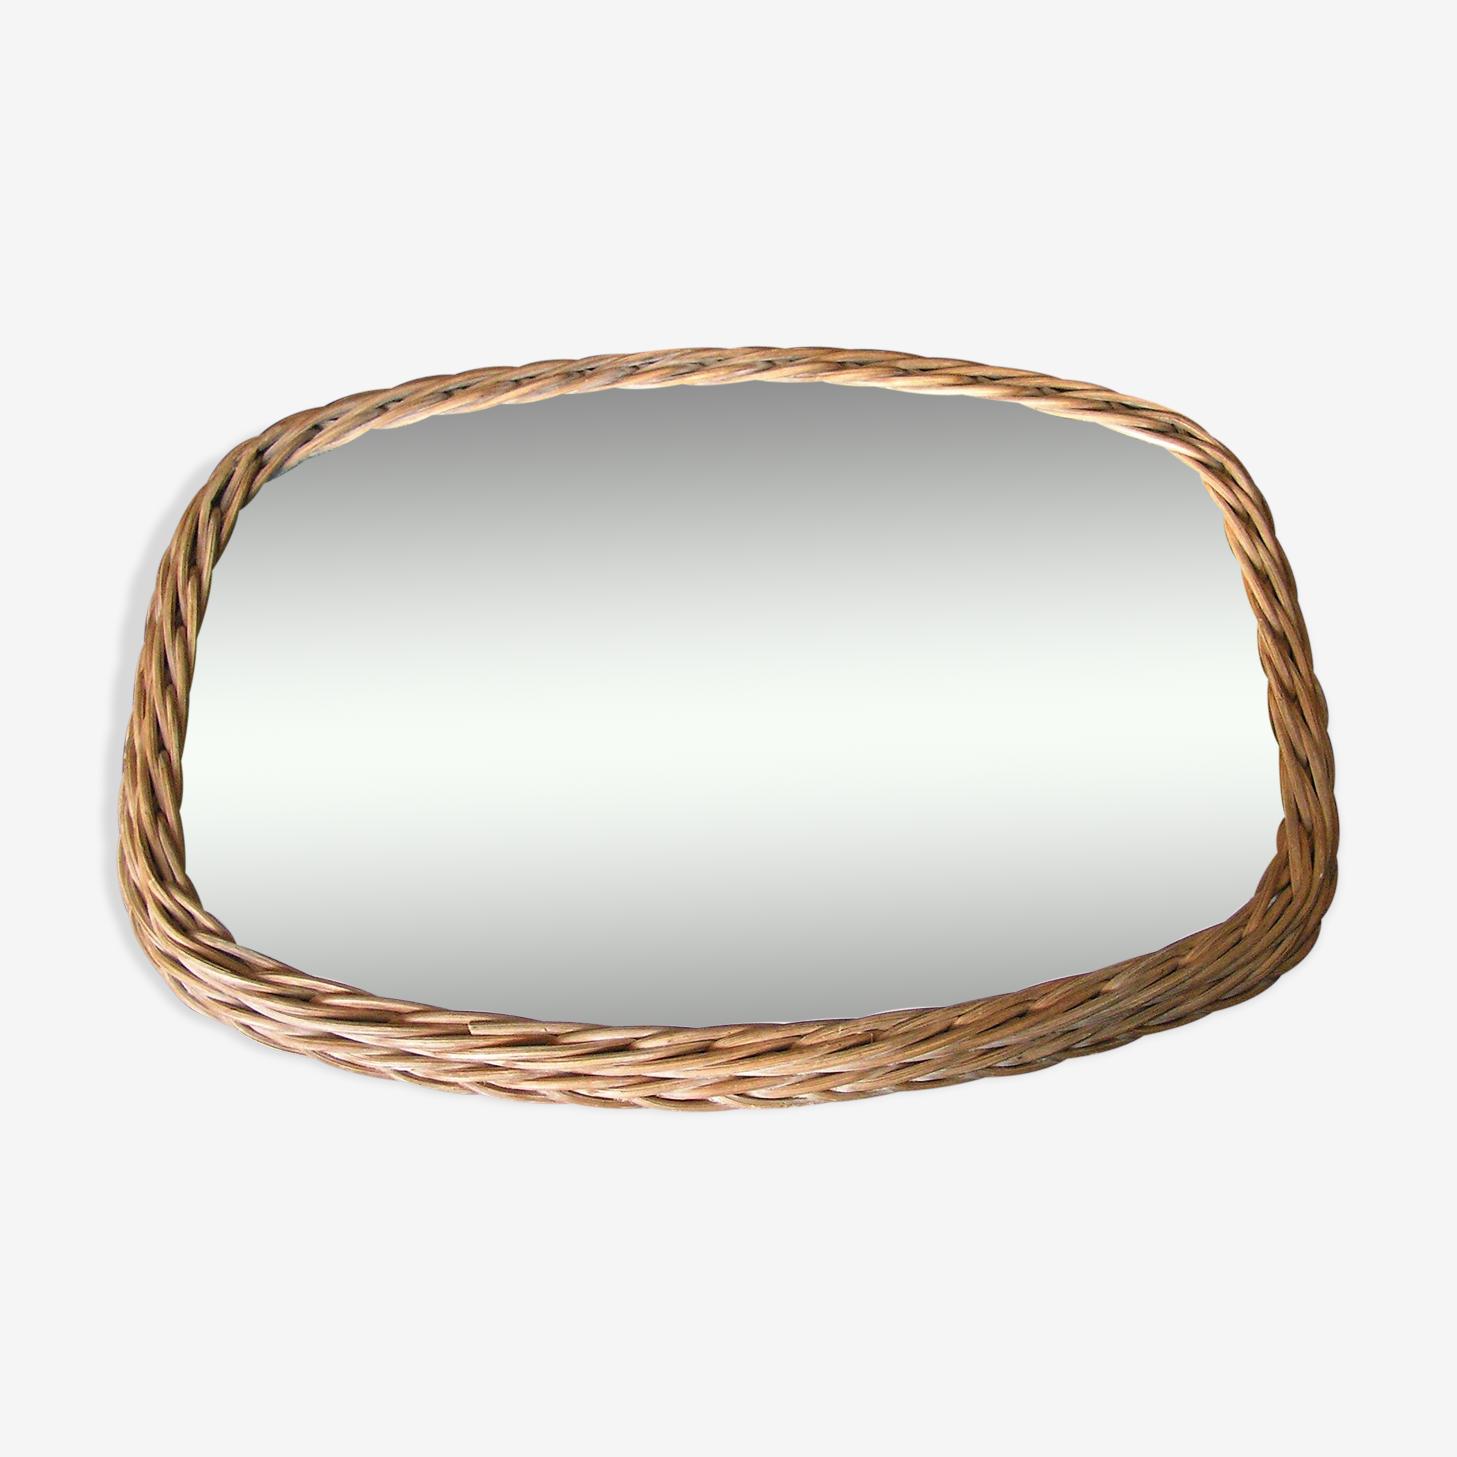 Rattan mirror 42x30cm